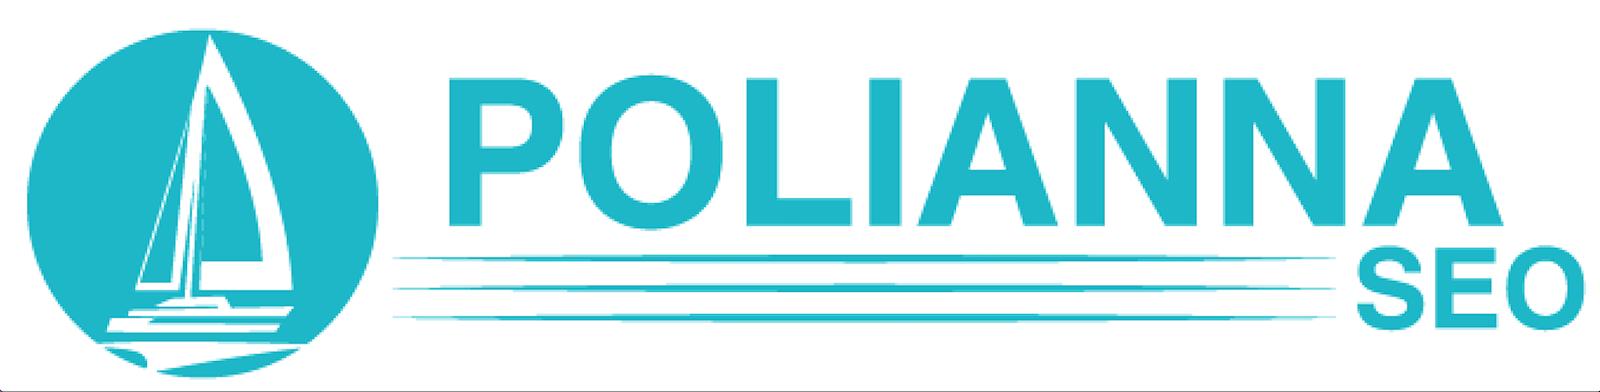 polianna-team